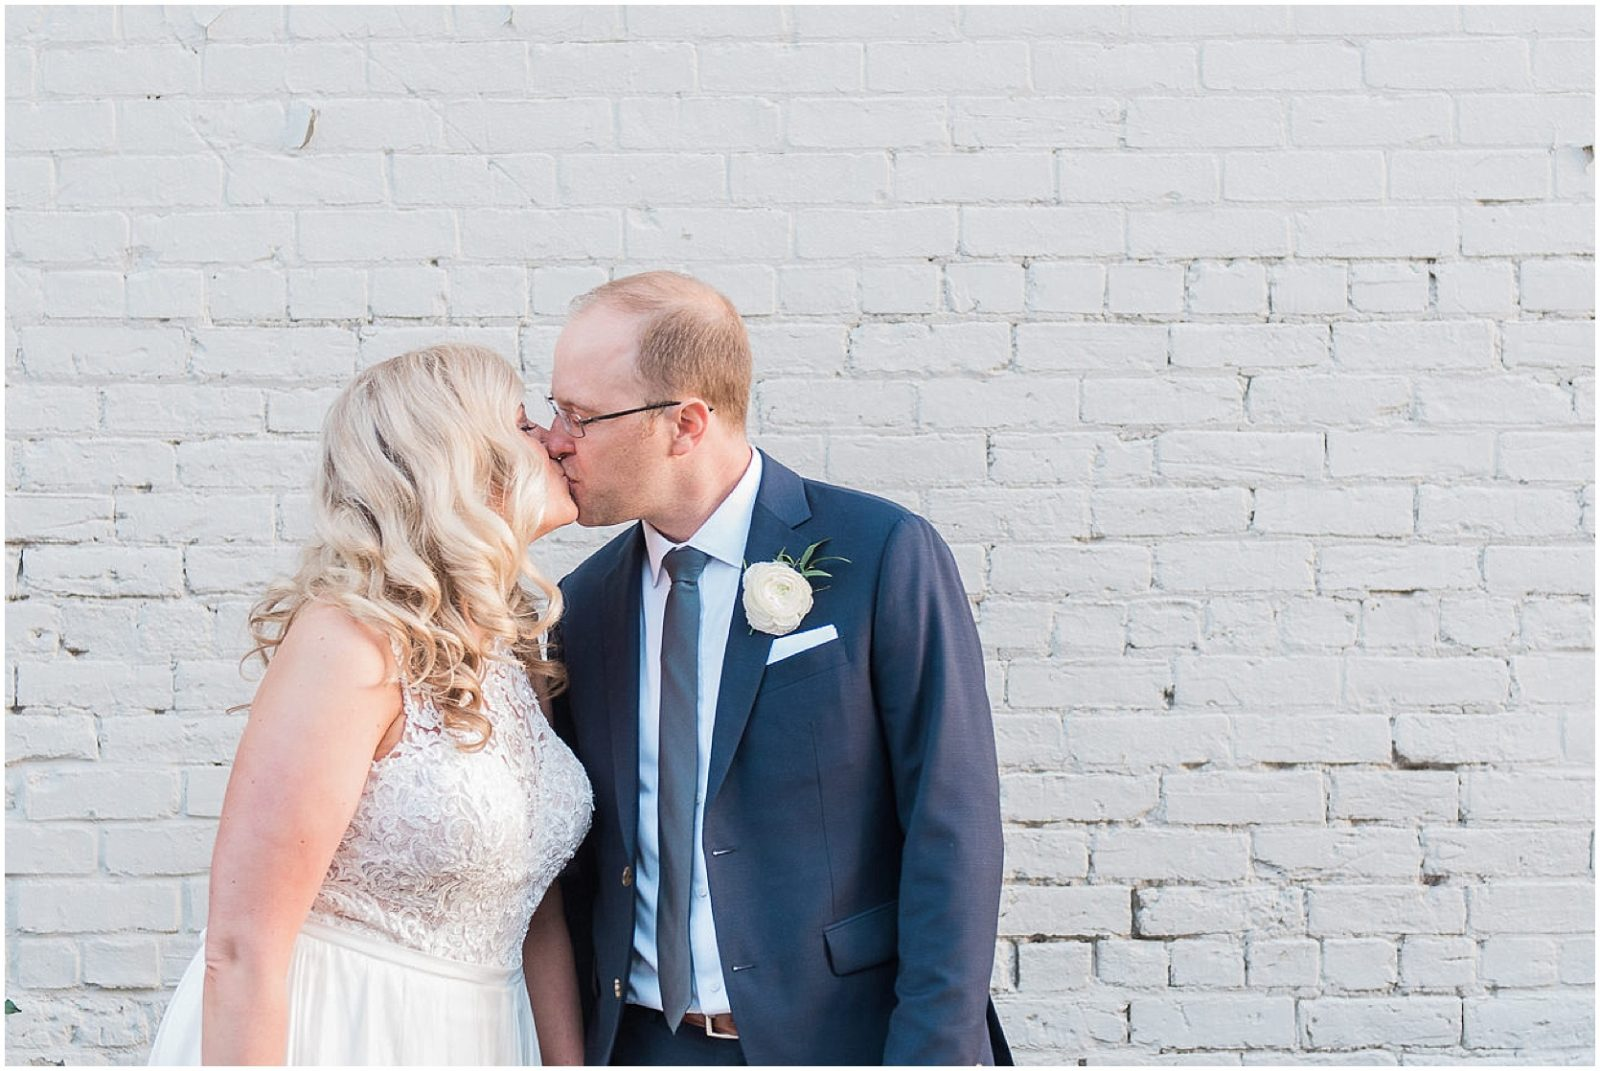 0210 SS-Late Summer Wedding at Zibi - Ottawa_PhotosbyEmmaH_WEB.jpg